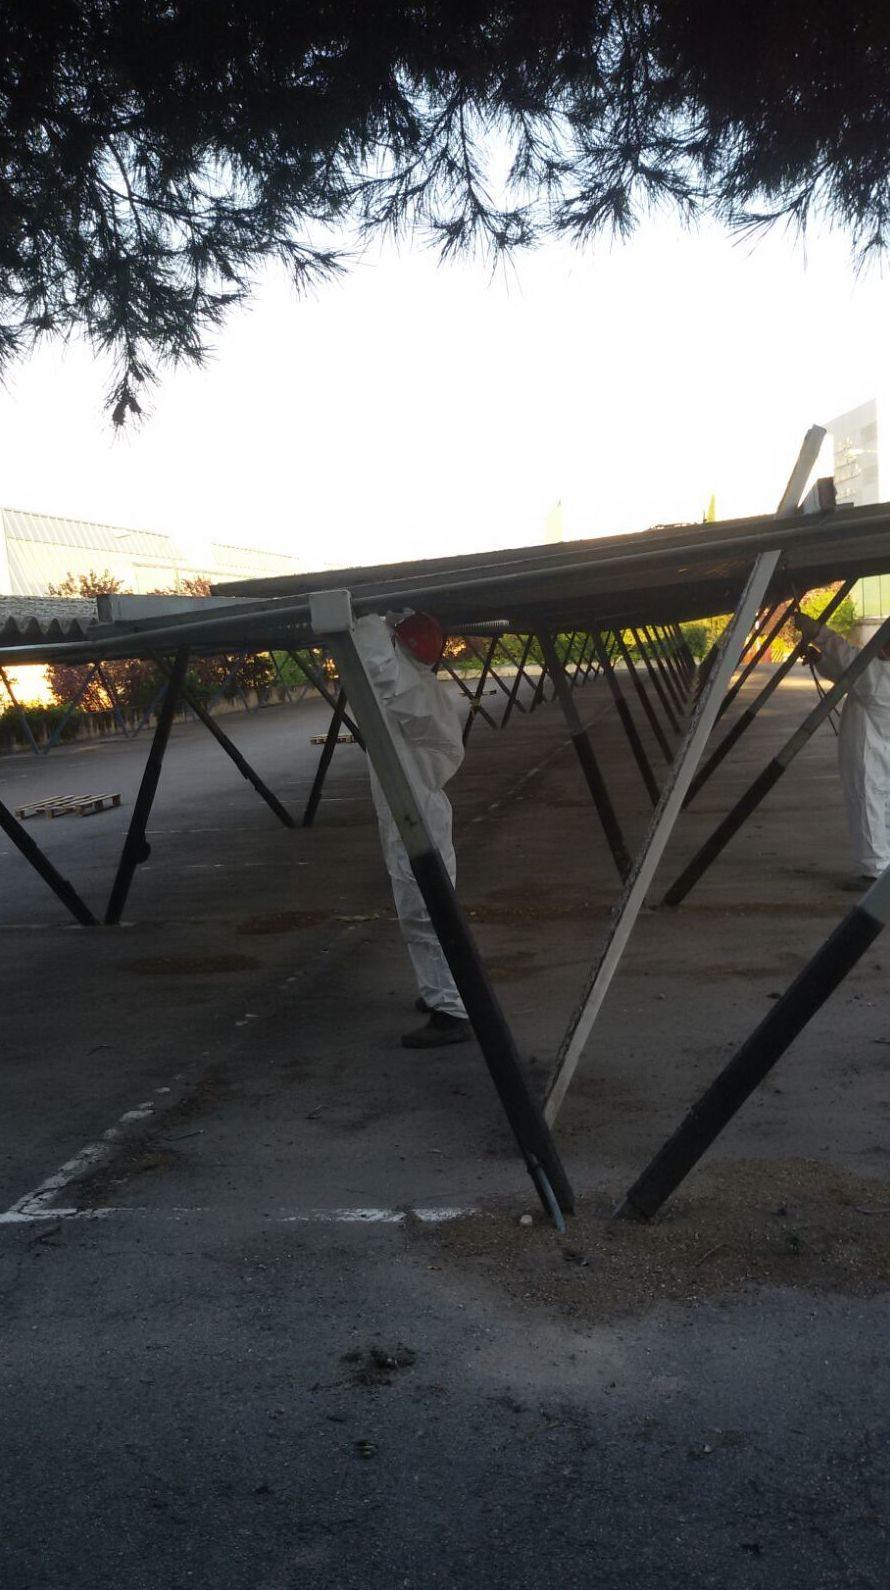 Trabajos con amianto (placas de la antigua Uralita) en un parking de Madrid